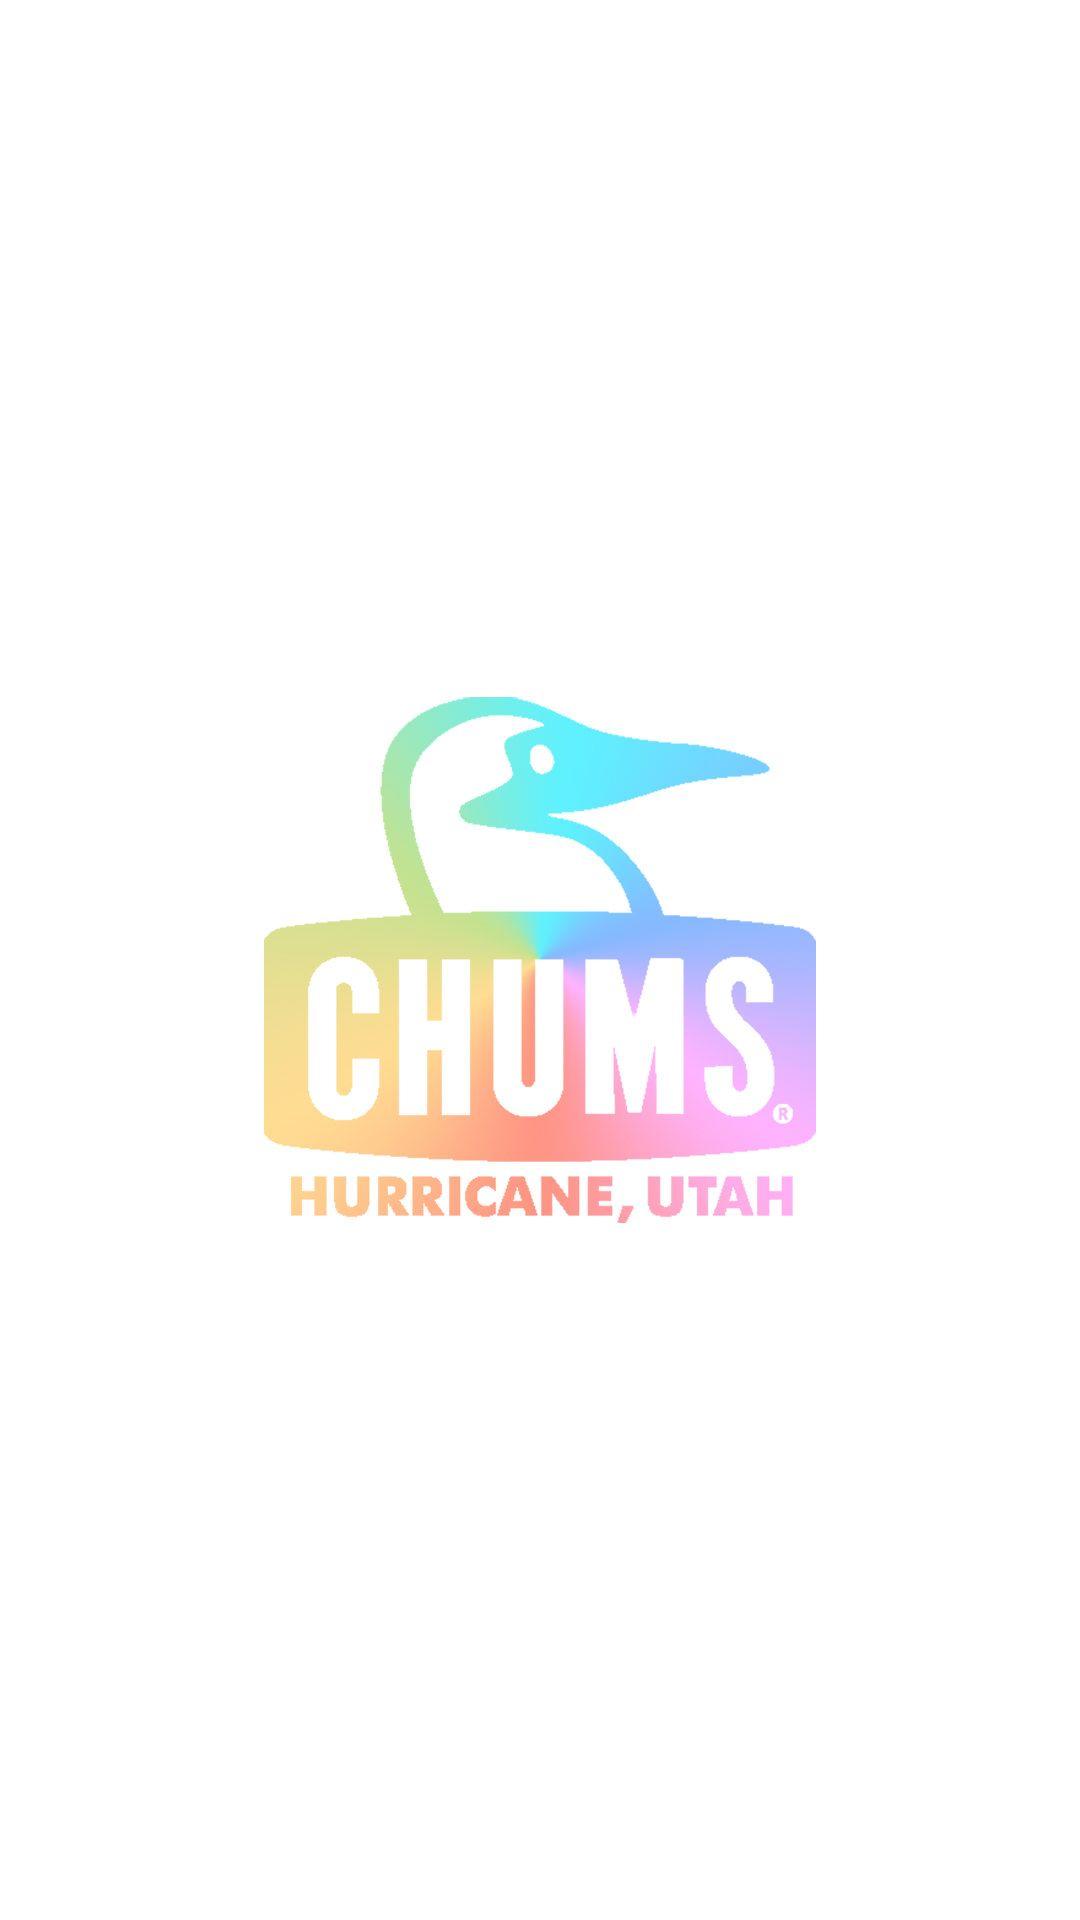 チャムス Chums49 画像あり Stussy 壁紙 チャムス 壁紙 Iphone おしゃれ